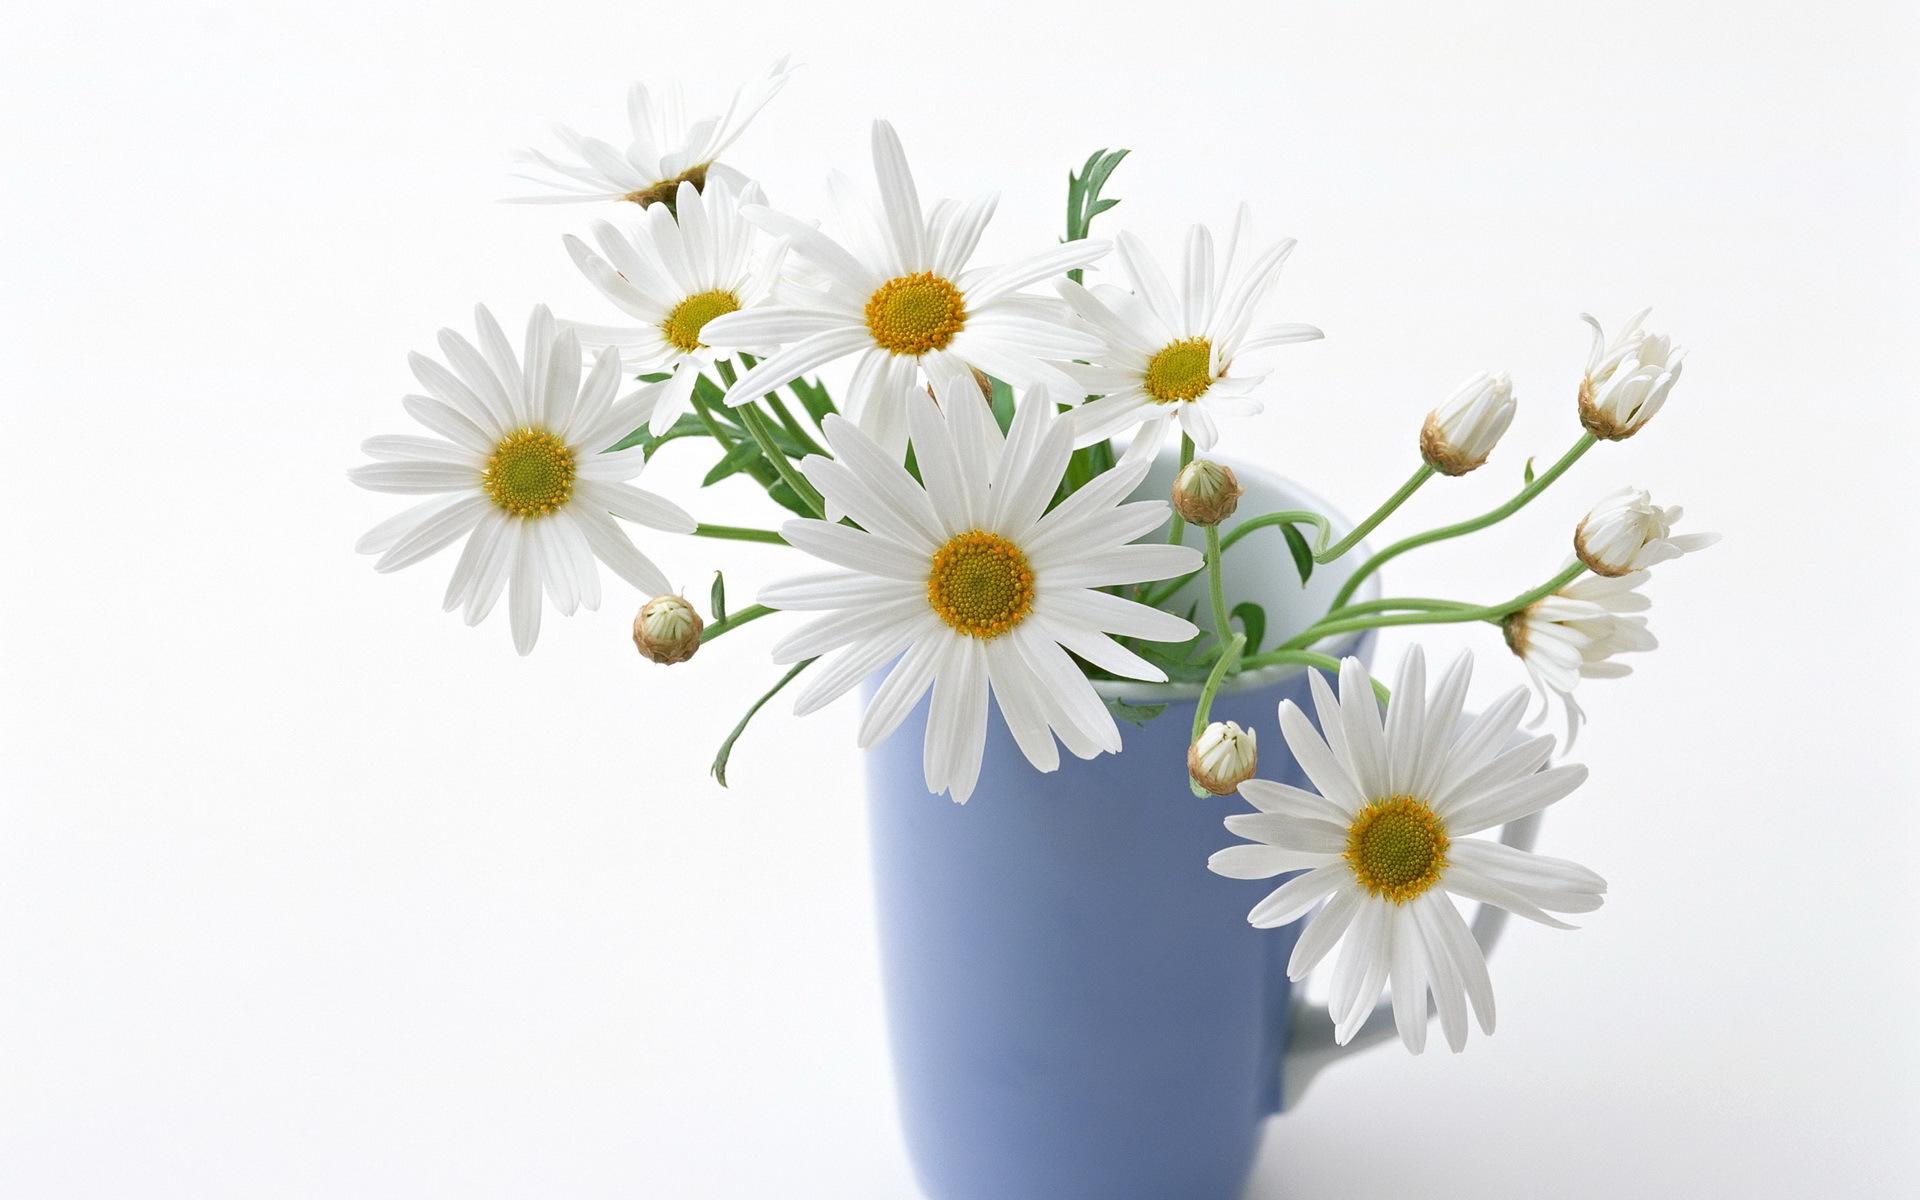 19063 Hintergrundbild herunterladen Blumen, Pflanzen, Cups, Kamille, Bouquets - Bildschirmschoner und Bilder kostenlos